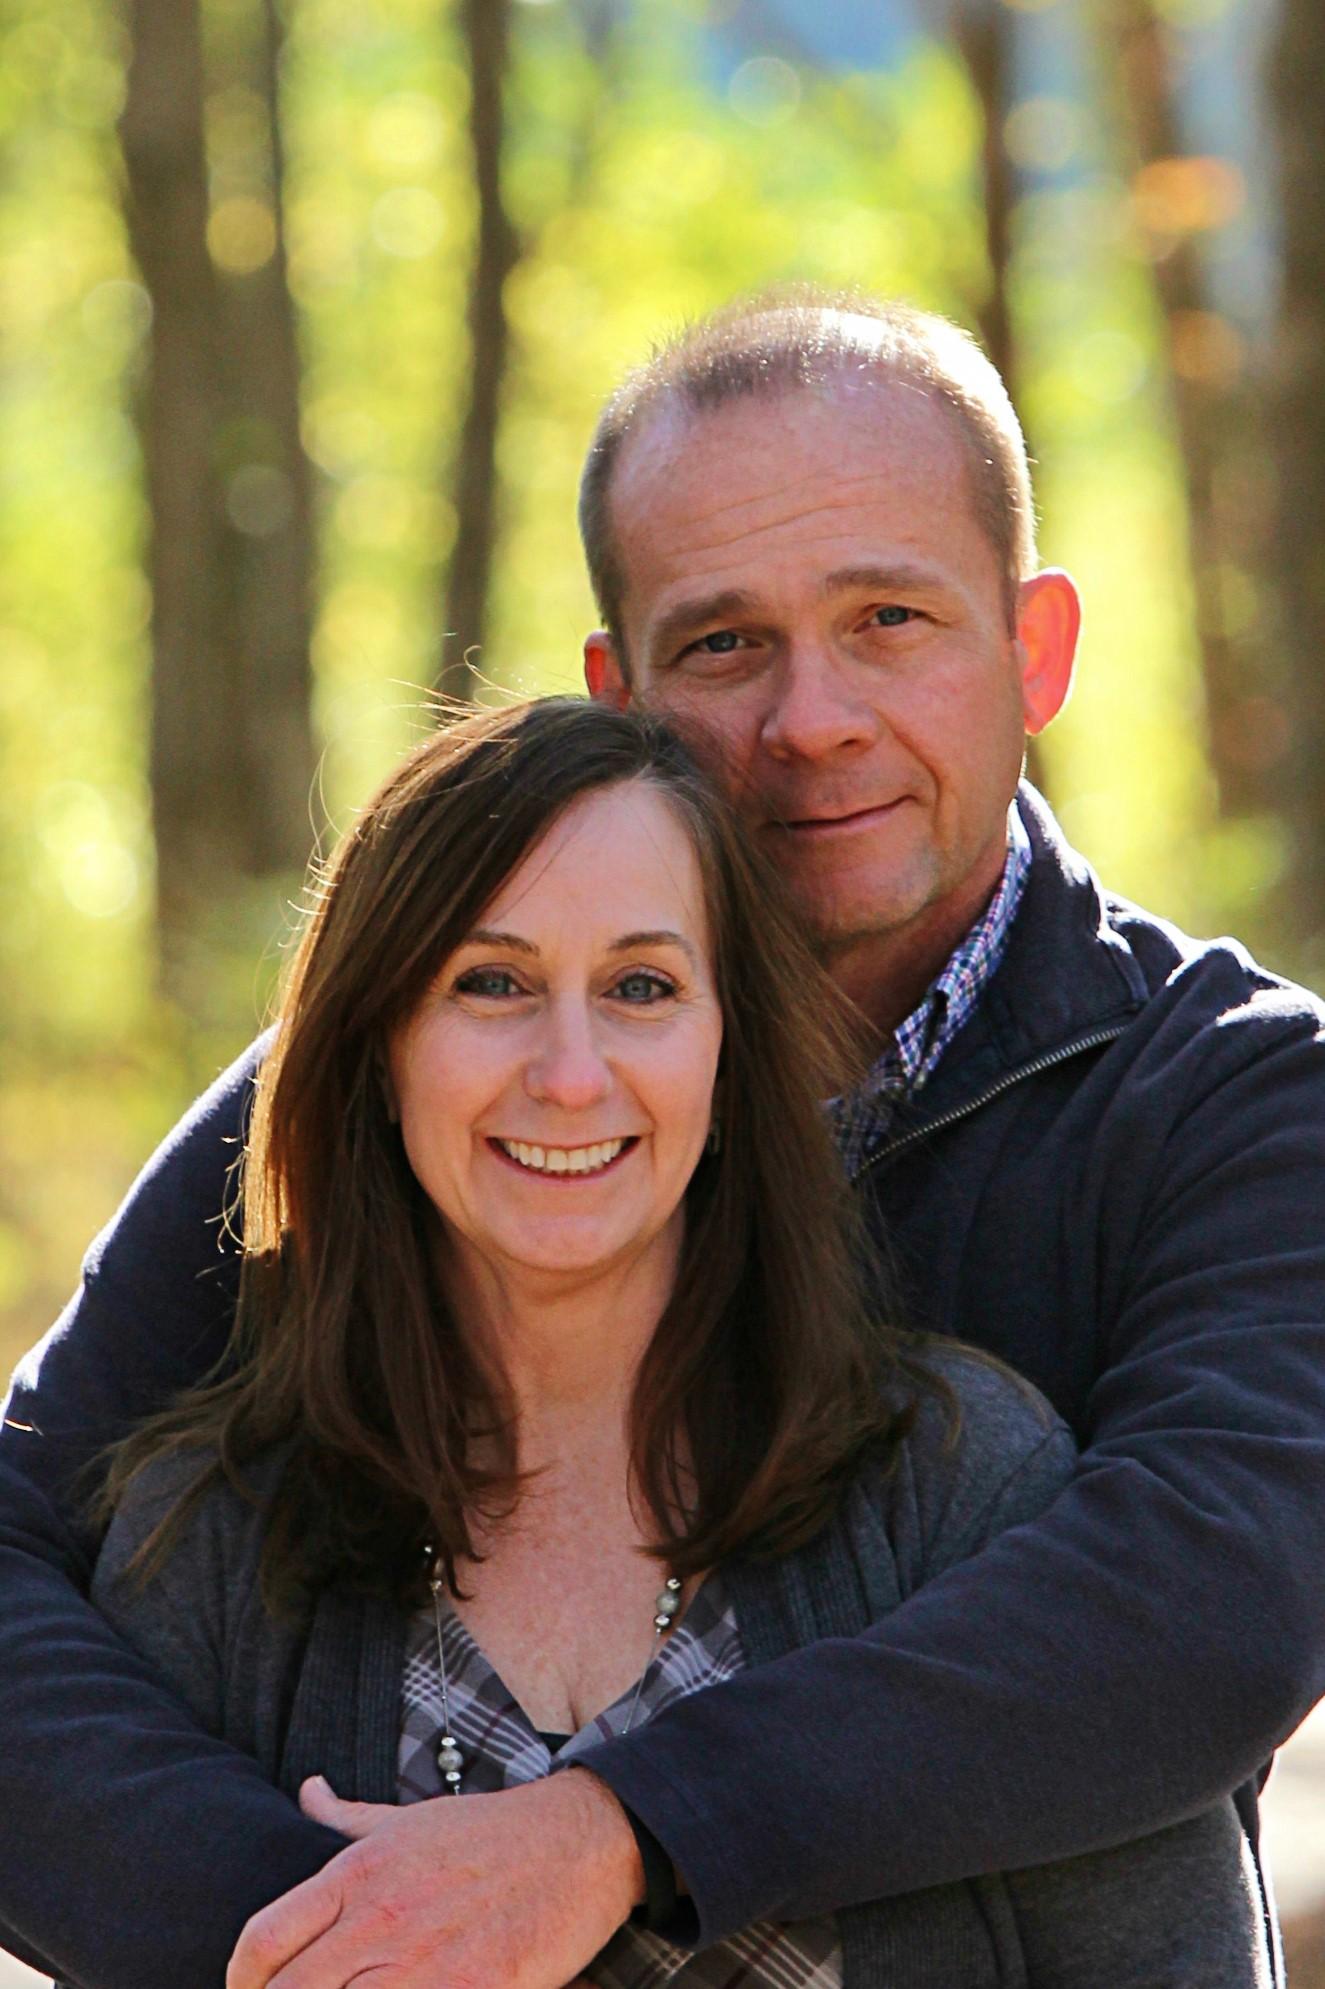 Clarksville tn Dating-WebsiteWachsfiguren-Dating